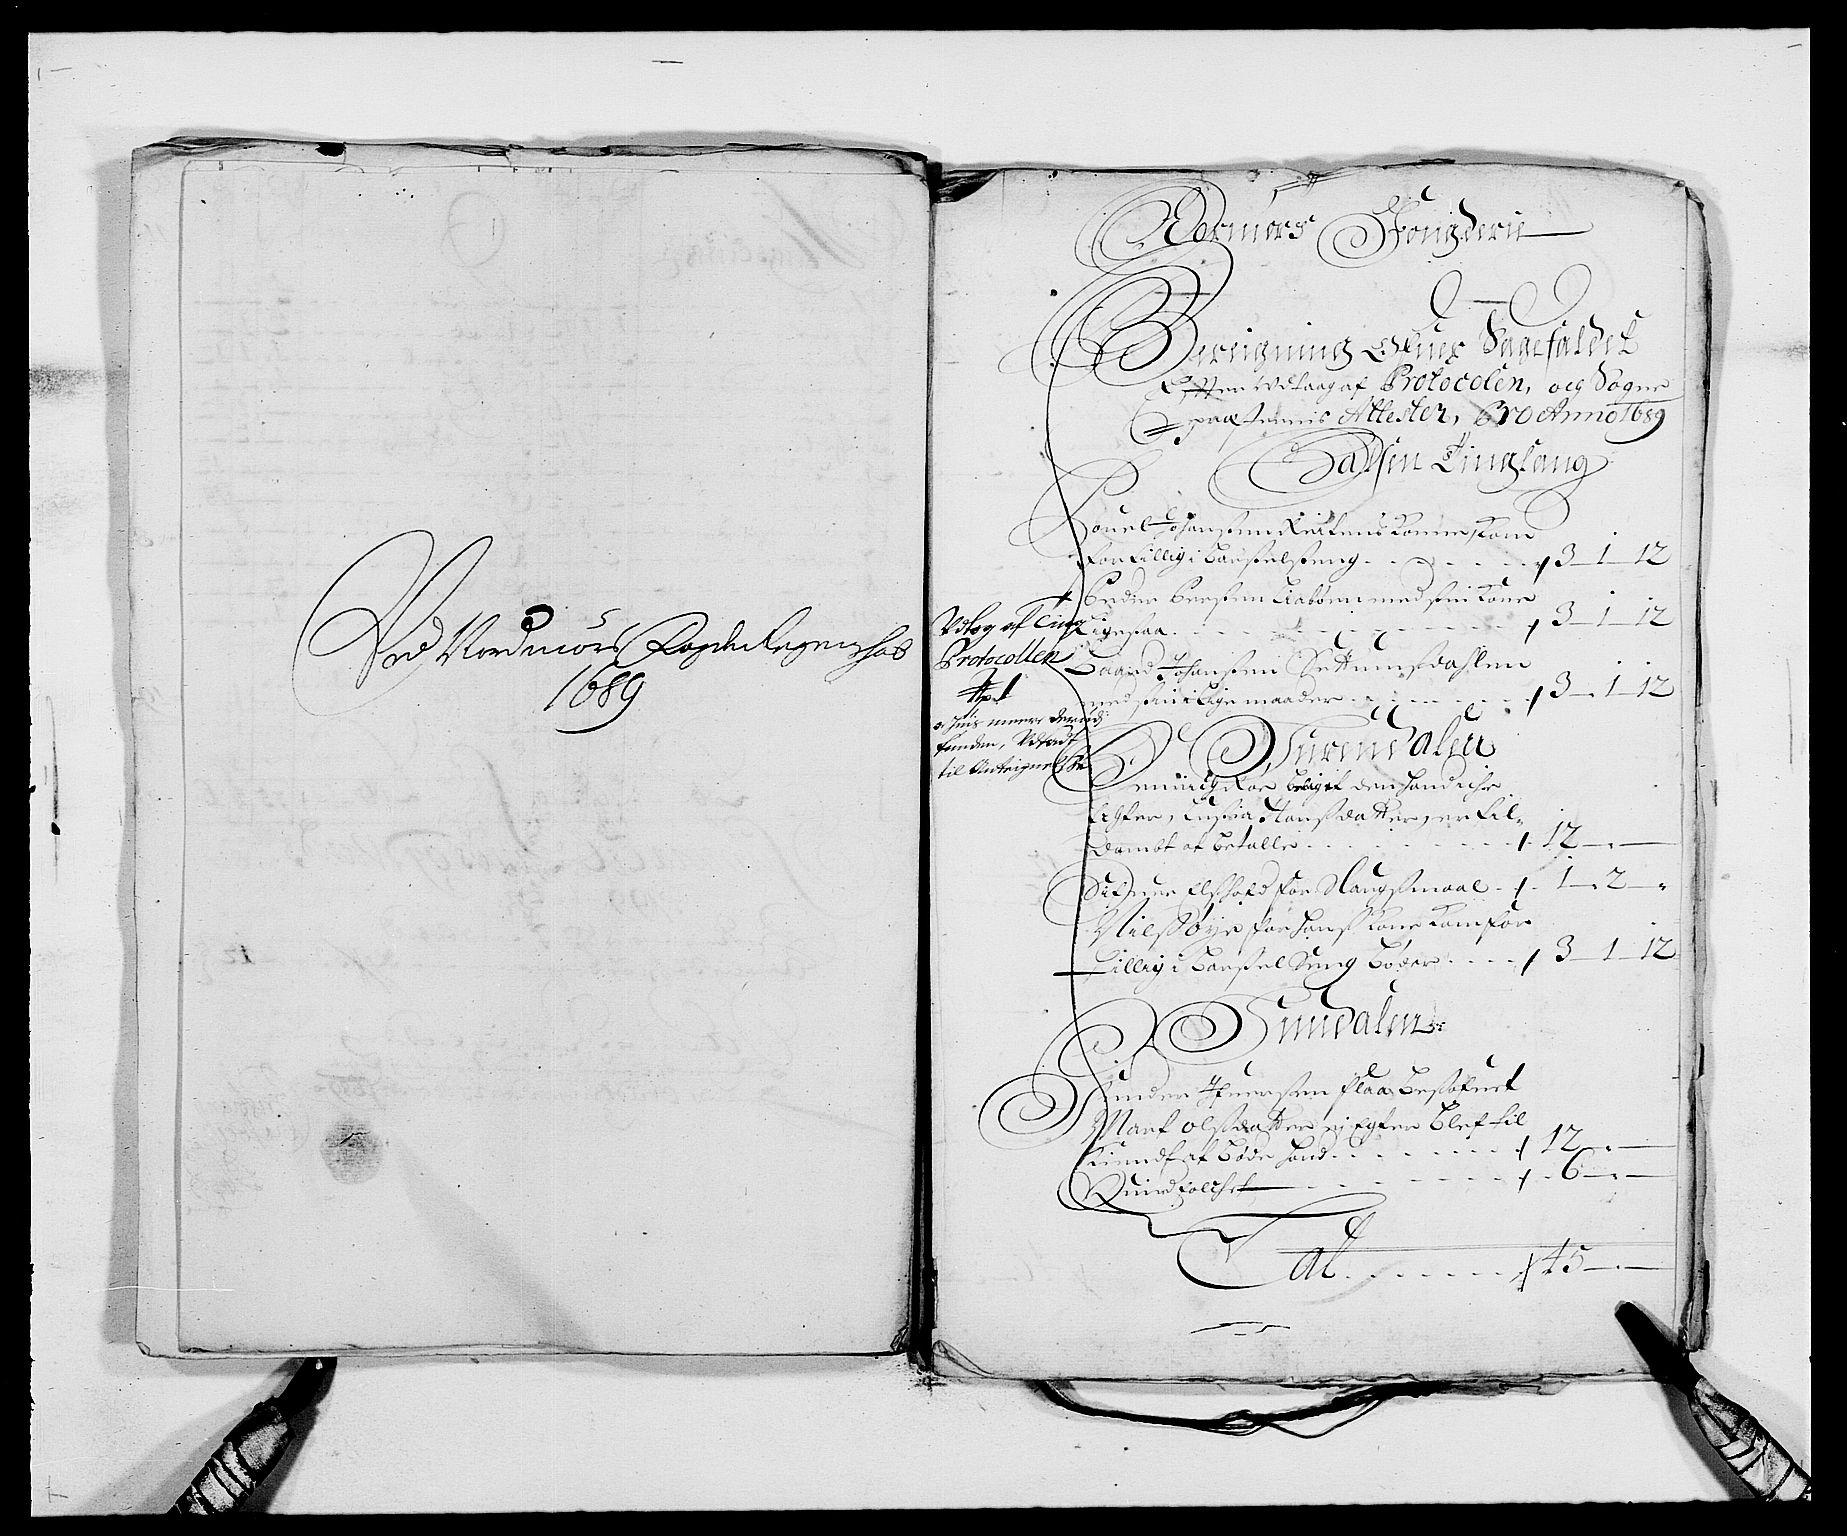 RA, Rentekammeret inntil 1814, Reviderte regnskaper, Fogderegnskap, R56/L3733: Fogderegnskap Nordmøre, 1687-1689, s. 454